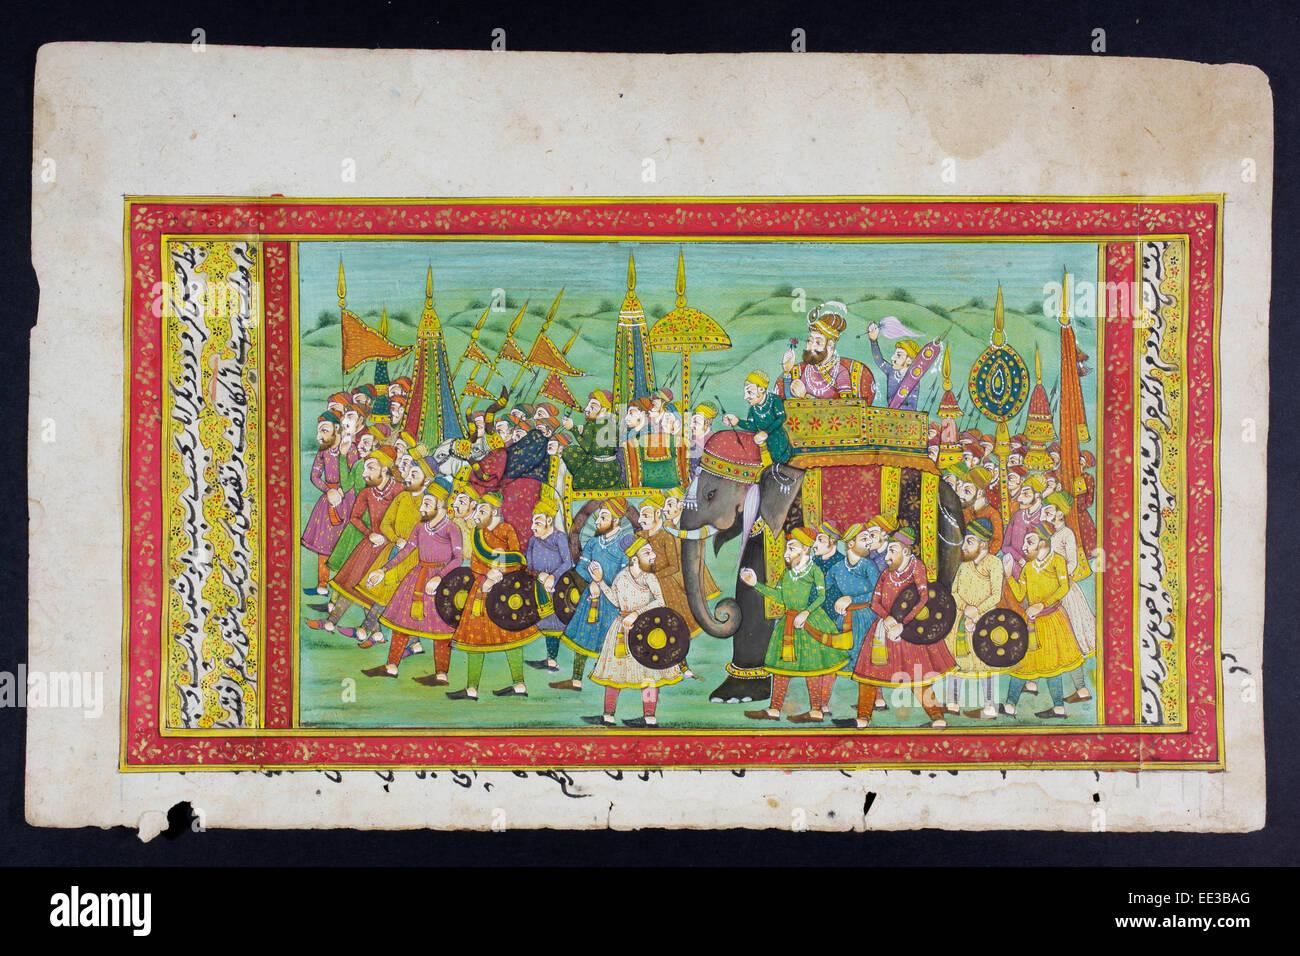 Rajasthani pintura en miniatura de Rajasthan, India. Probablemente a finales del siglo XIX o principios del siglo Foto de stock